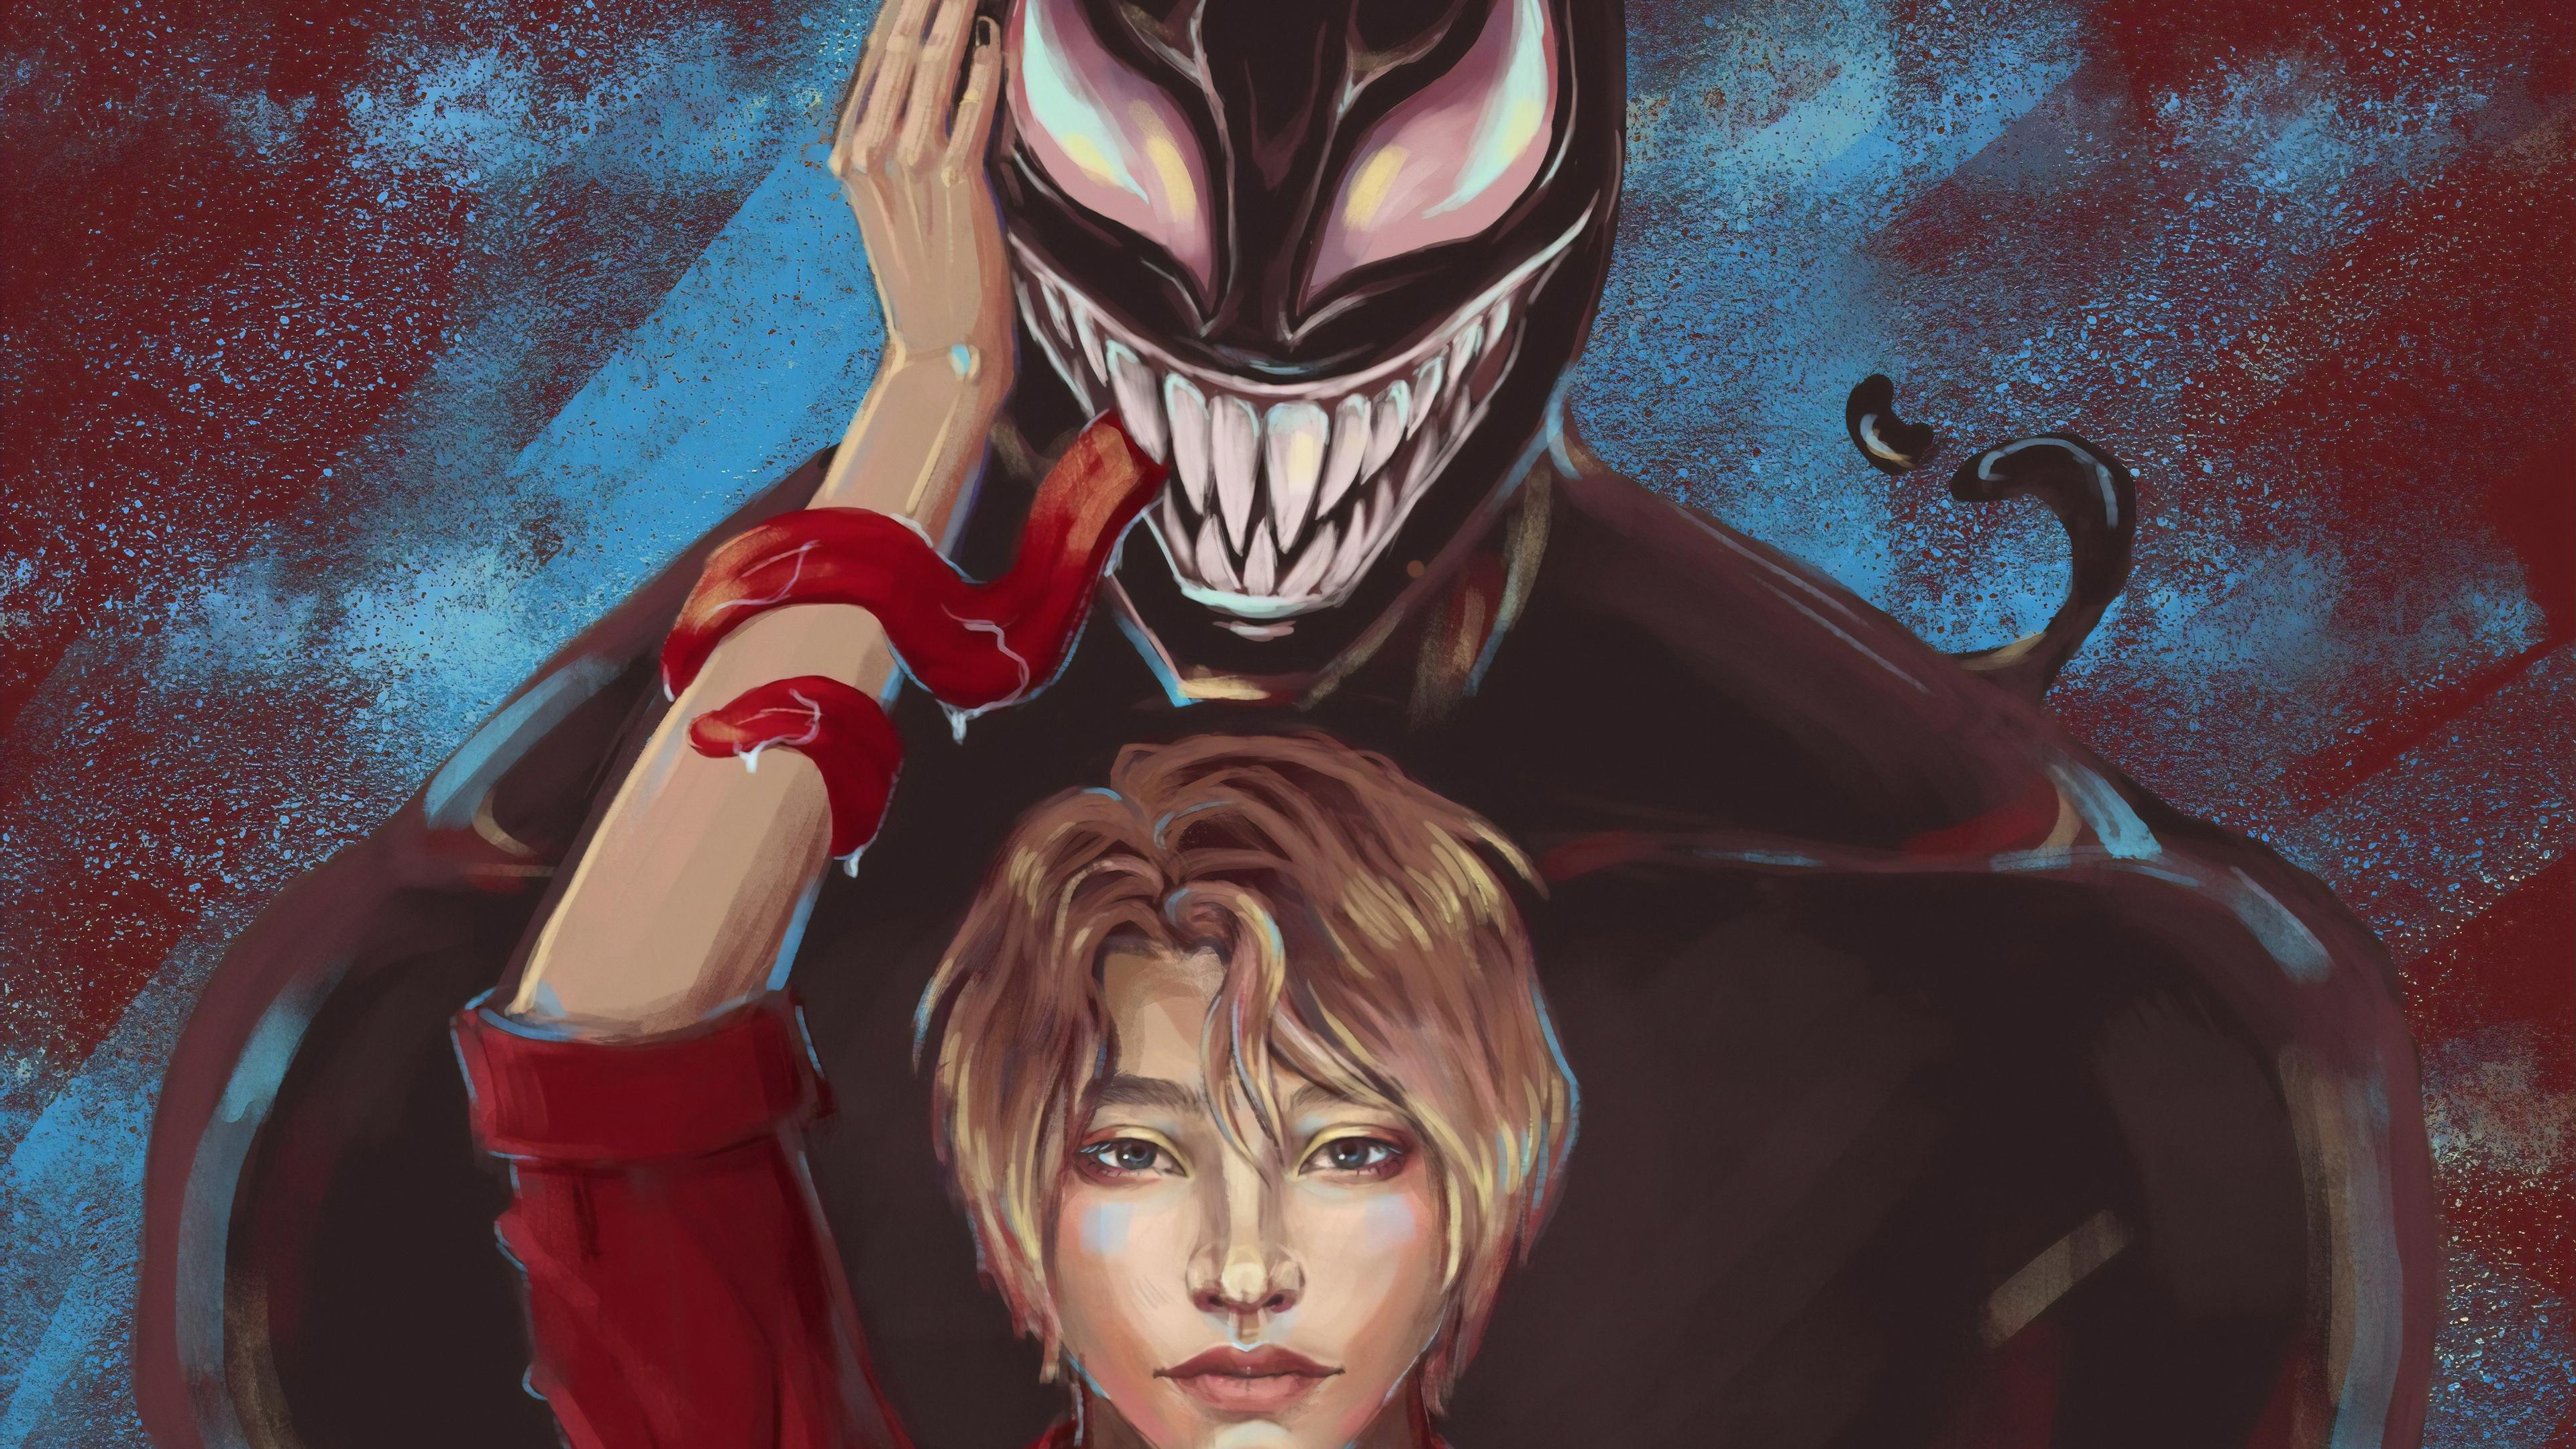 venom with his girl 1570394496 - Venom With His Girl - Venom wallpapers, superheroes wallpapers, hd-wallpapers, digital art wallpapers, behance wallpapers, artwork wallpapers, 4k-wallpapers